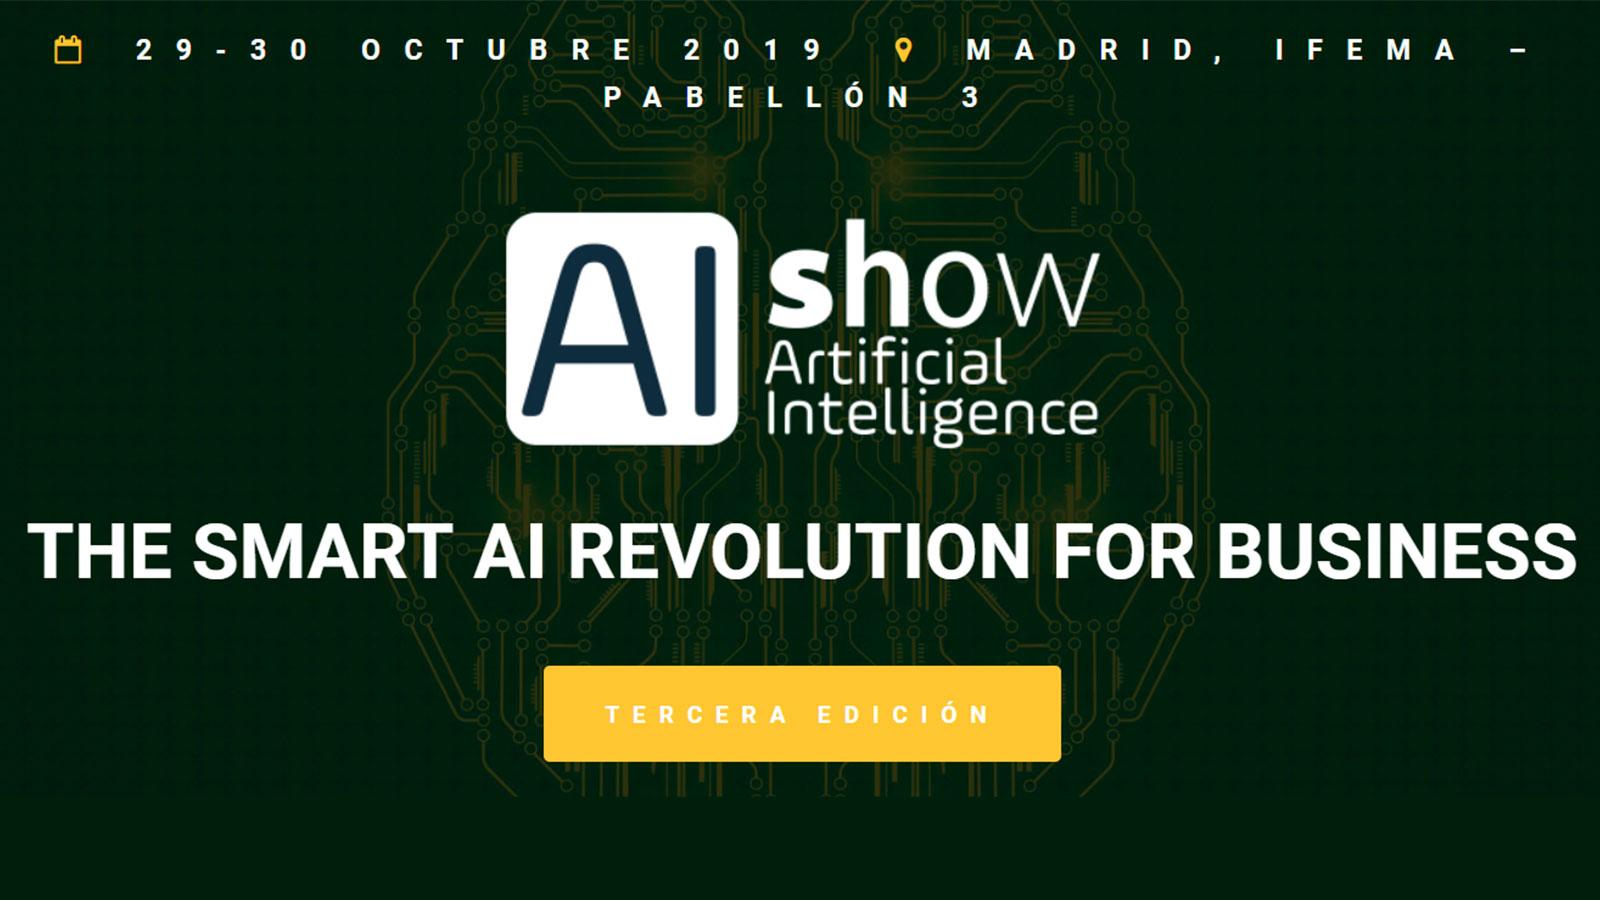 AIshow